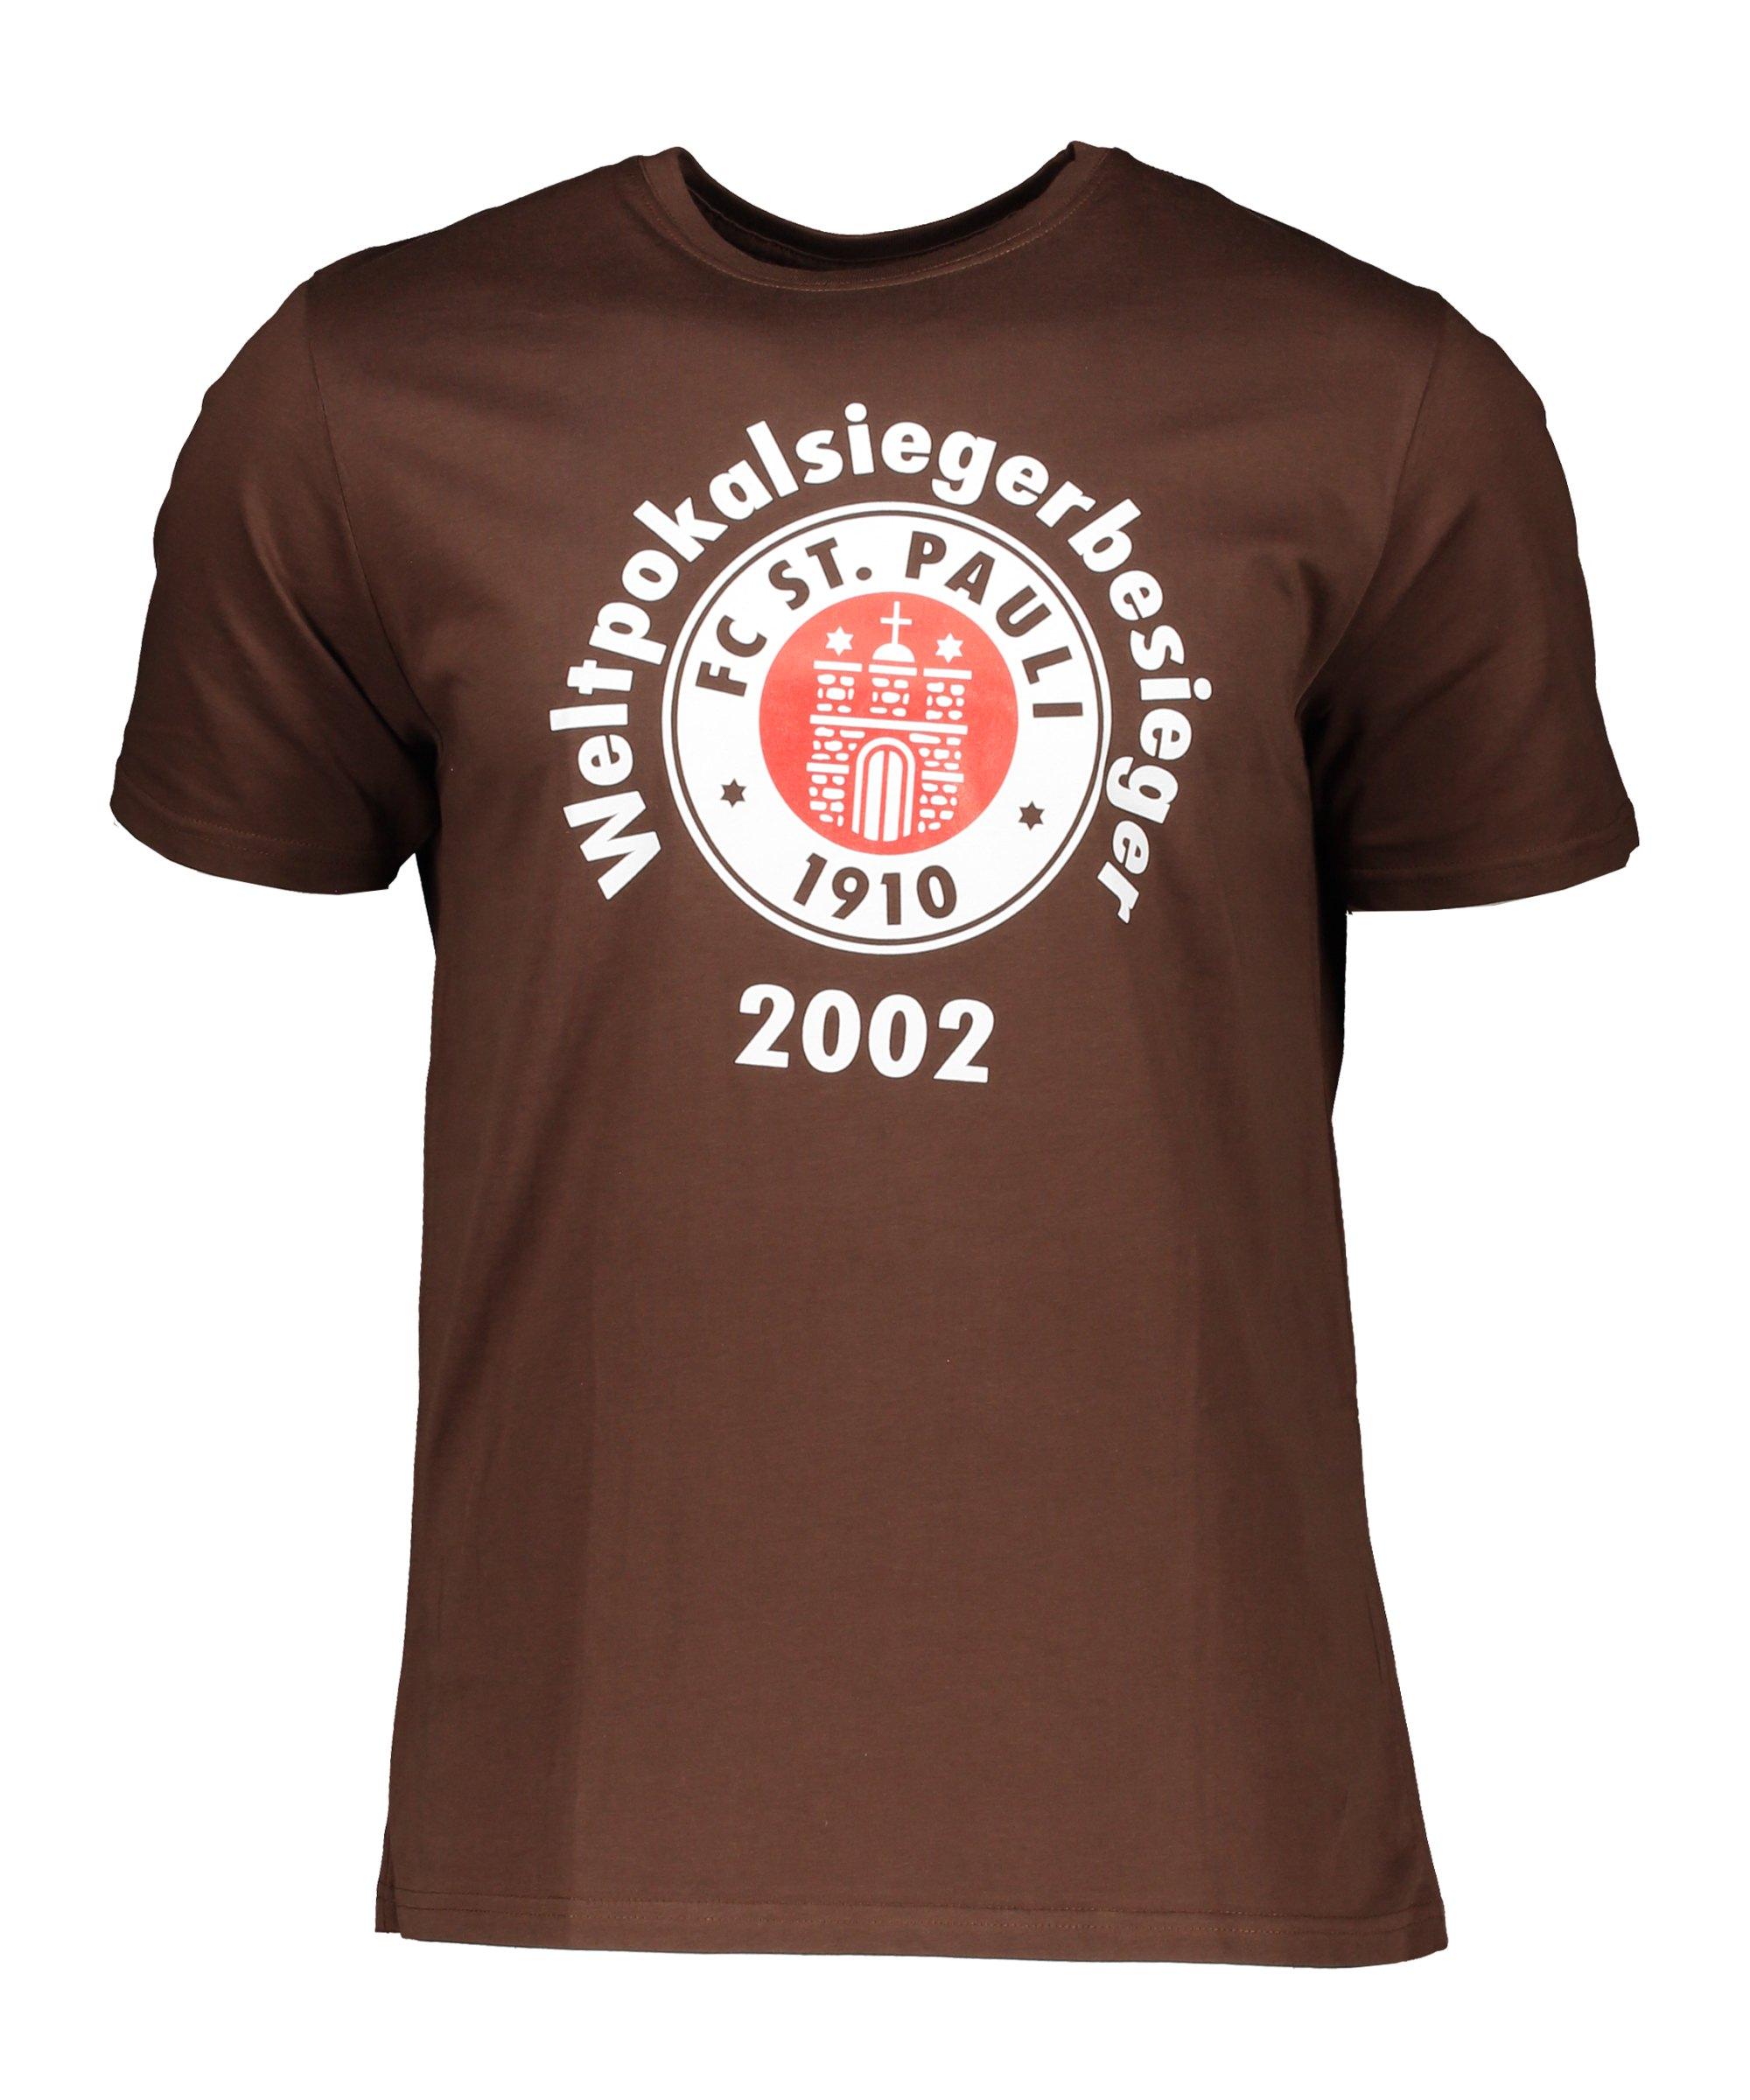 FC St. Pauli T-Shirt Weltpokalsiegerbesieger Braun - braun